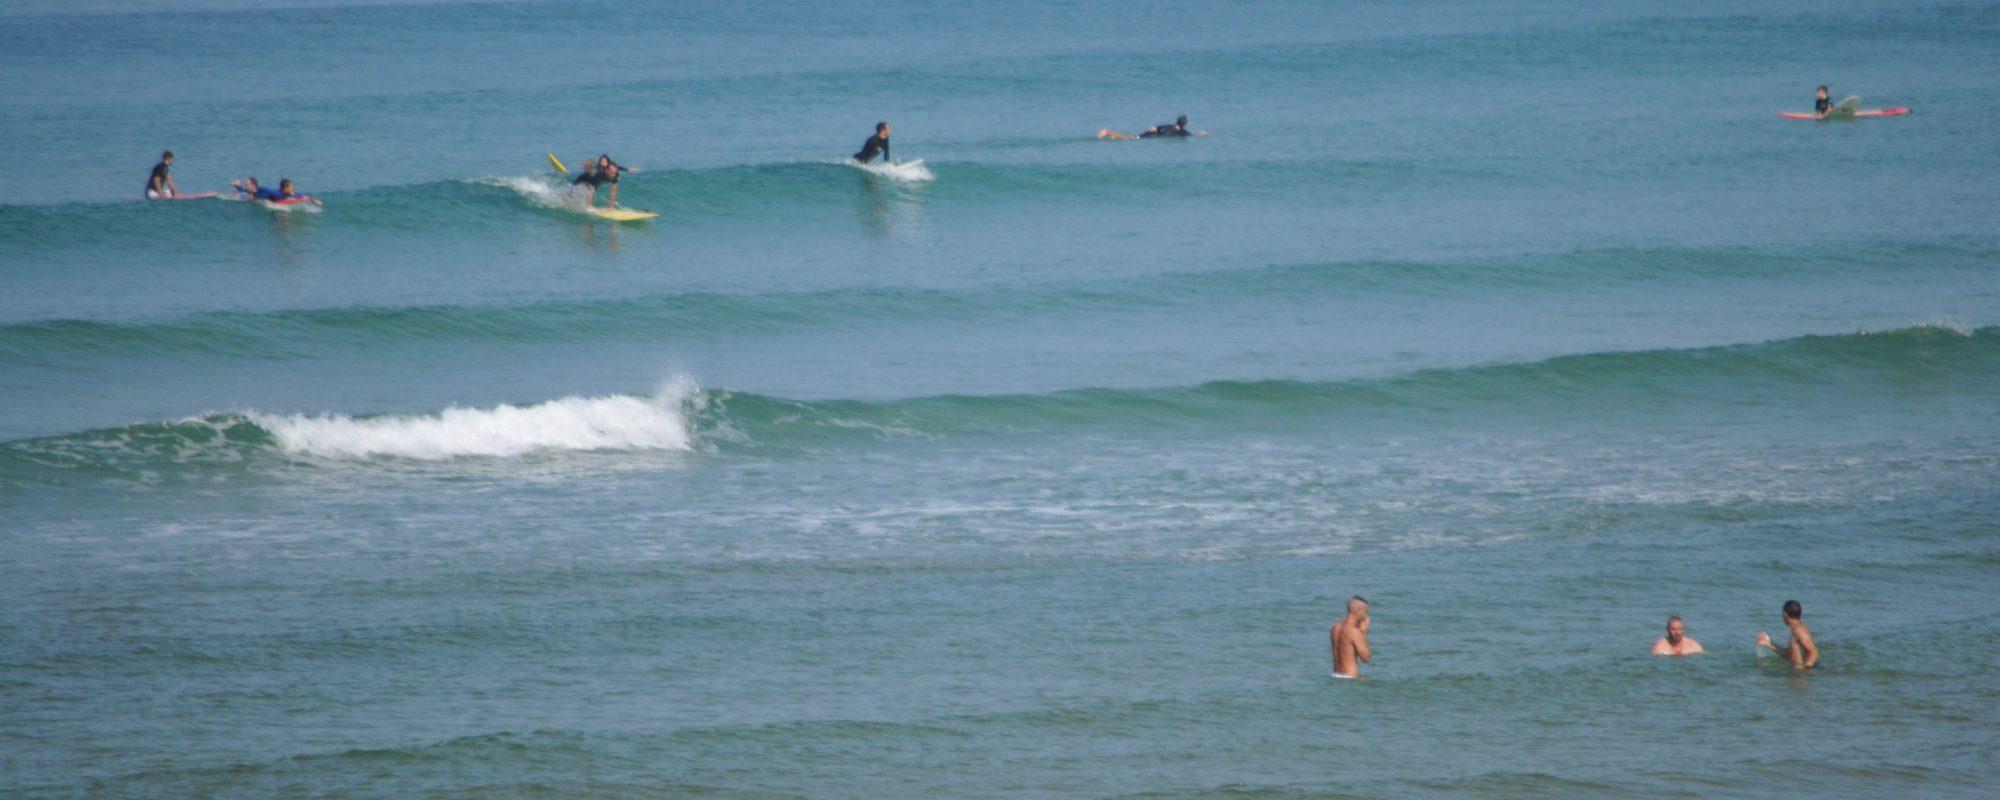 les surfers